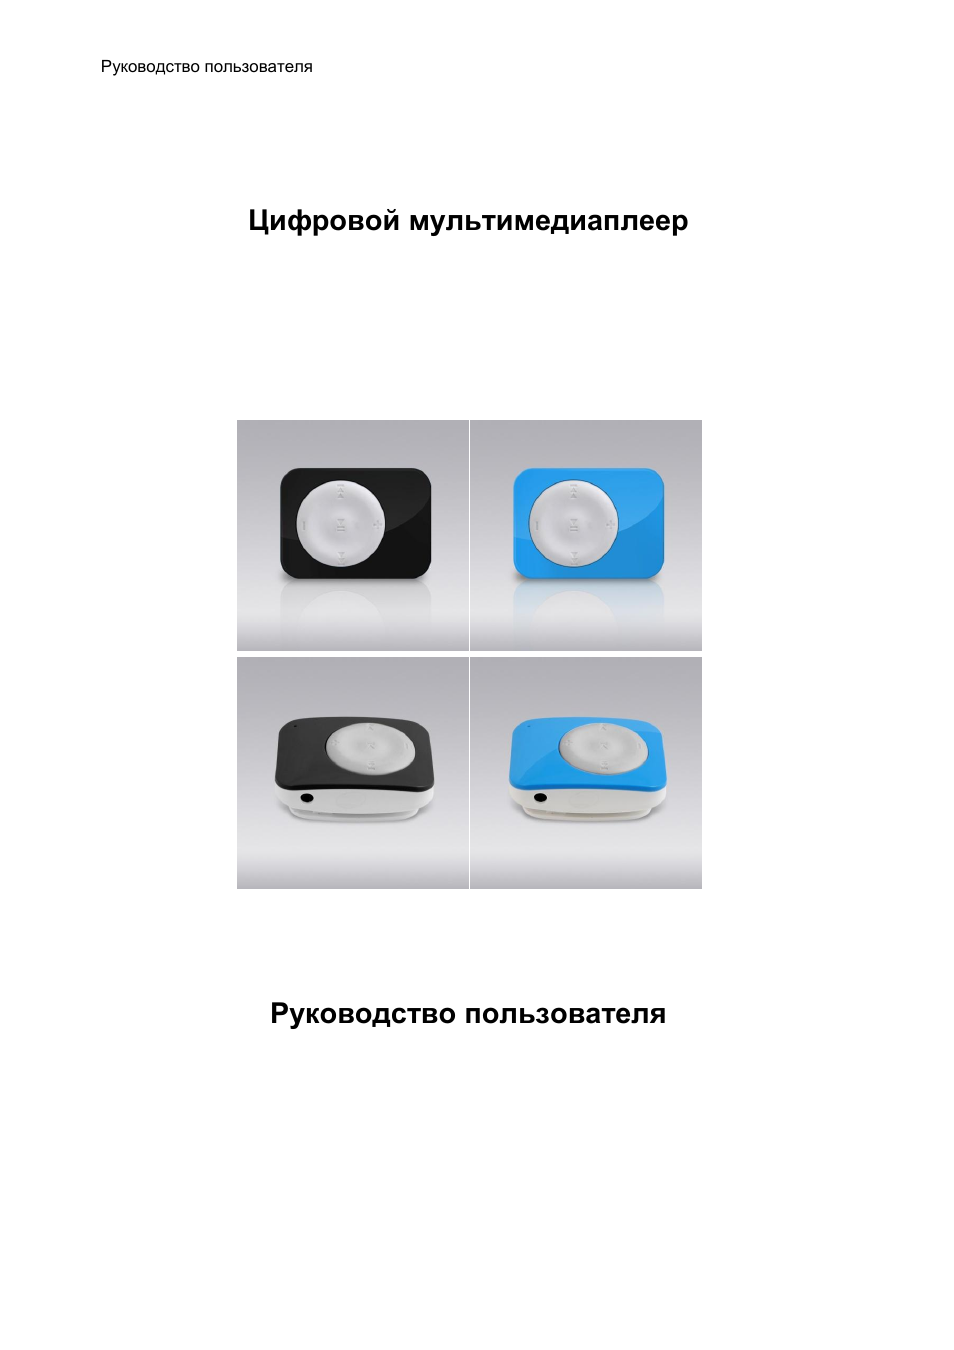 инструкция explay x1